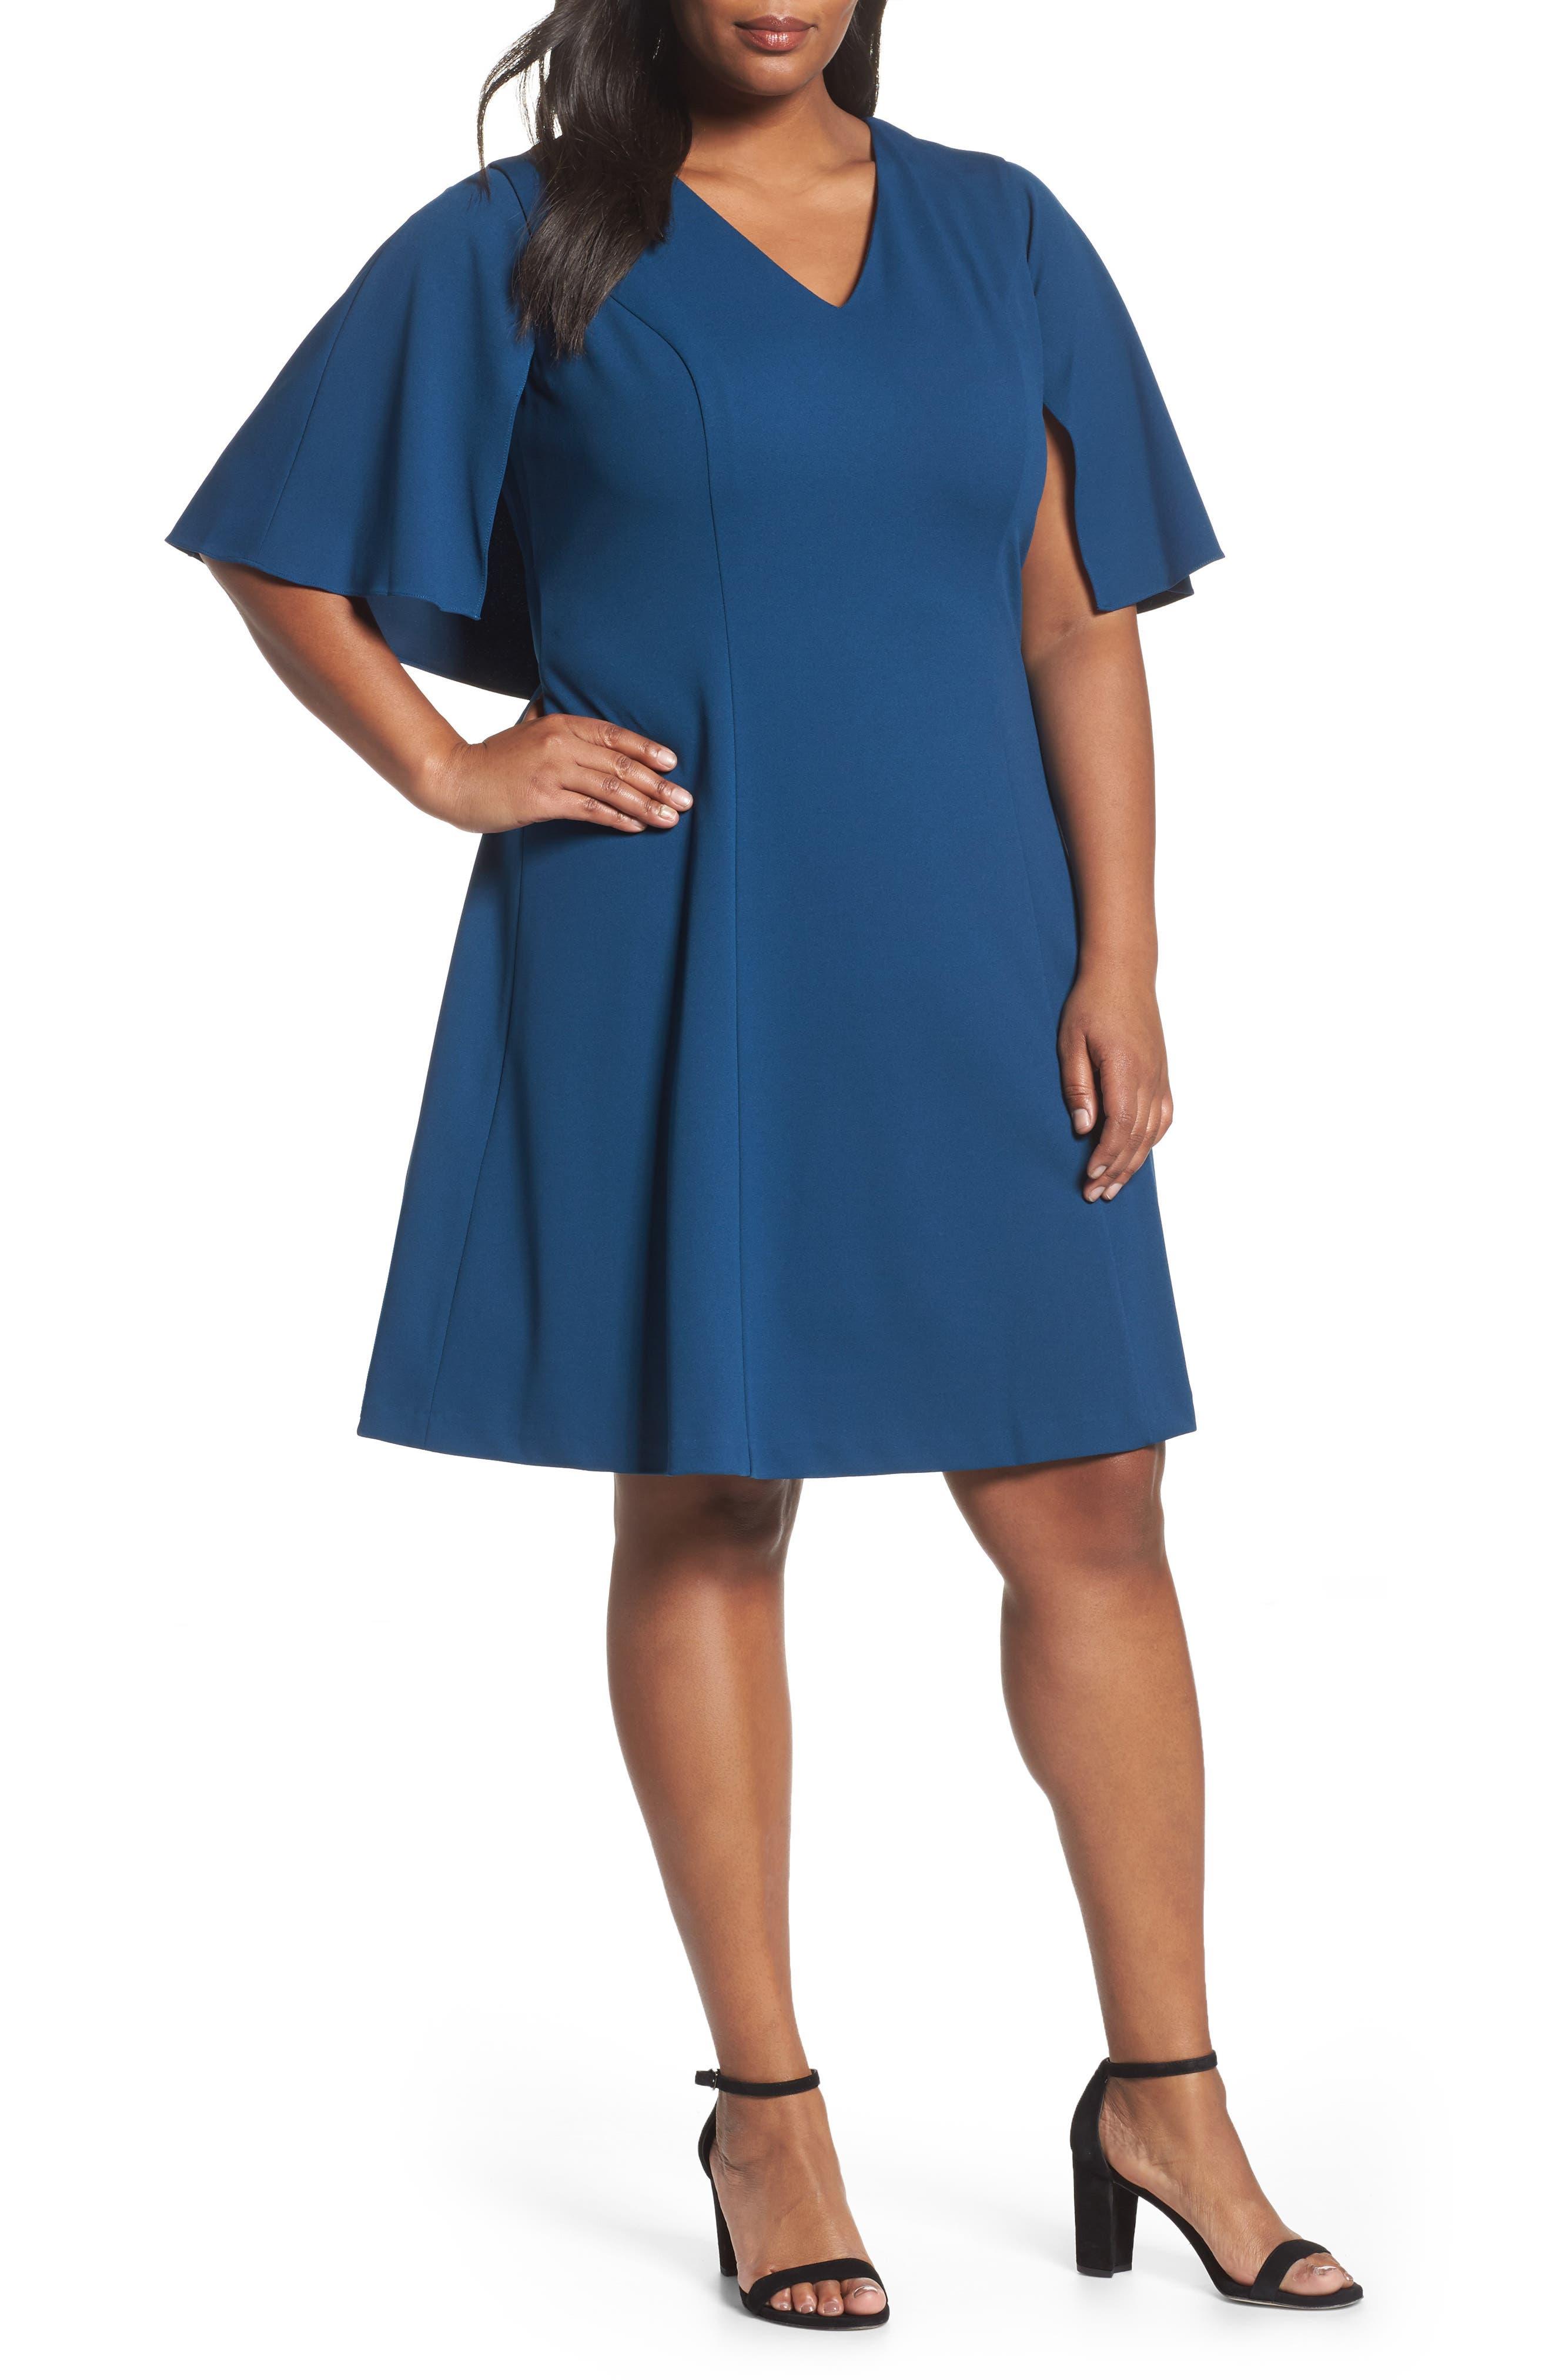 Capelet A-Line Dress,                             Main thumbnail 1, color,                             471